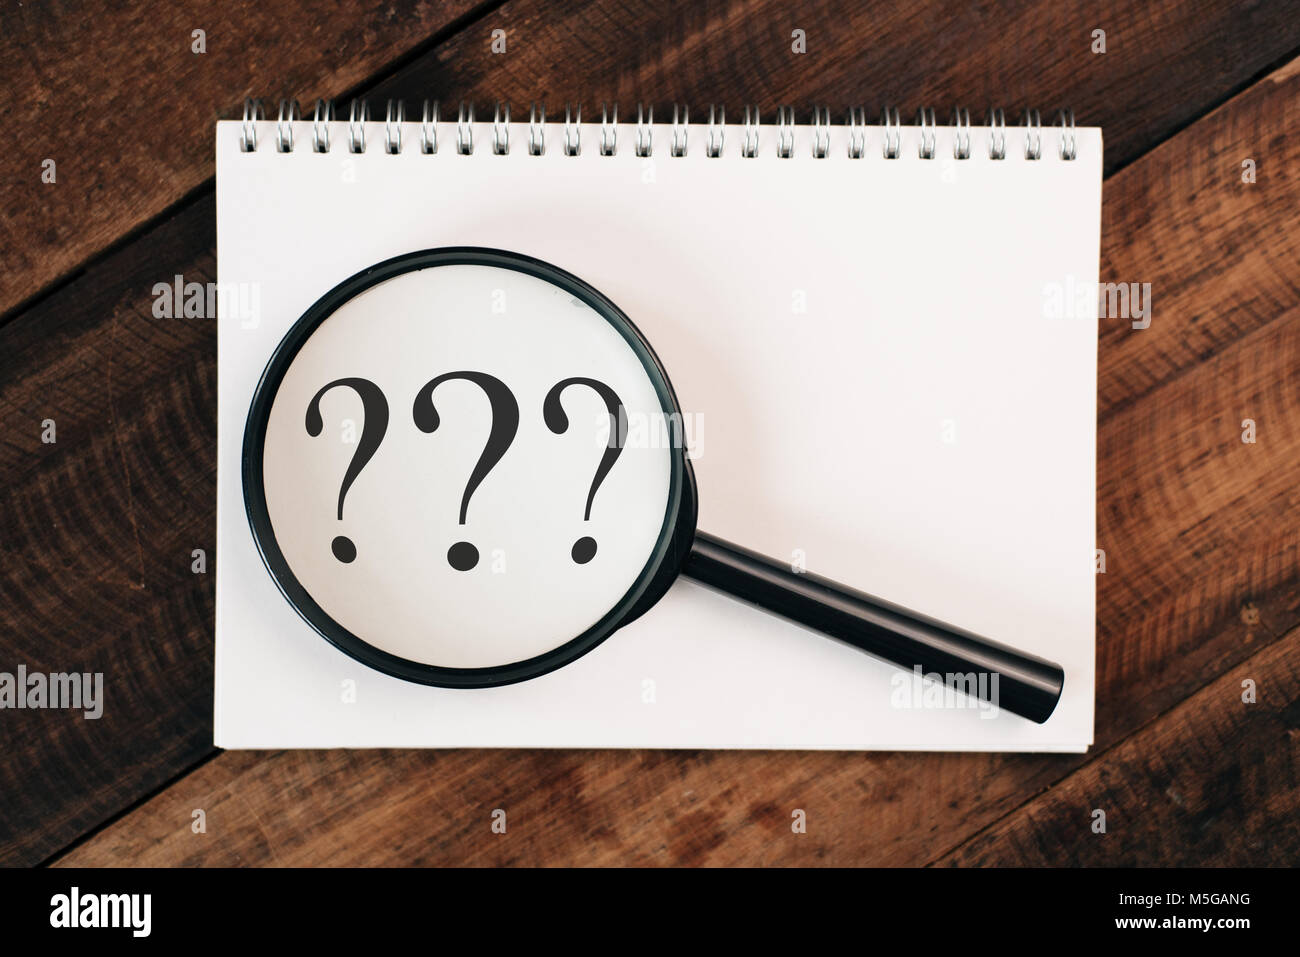 Lupe vergrößern Fragezeichen auf Notebook auf einem Holztisch. Problem und Forschung Konzept Stockbild